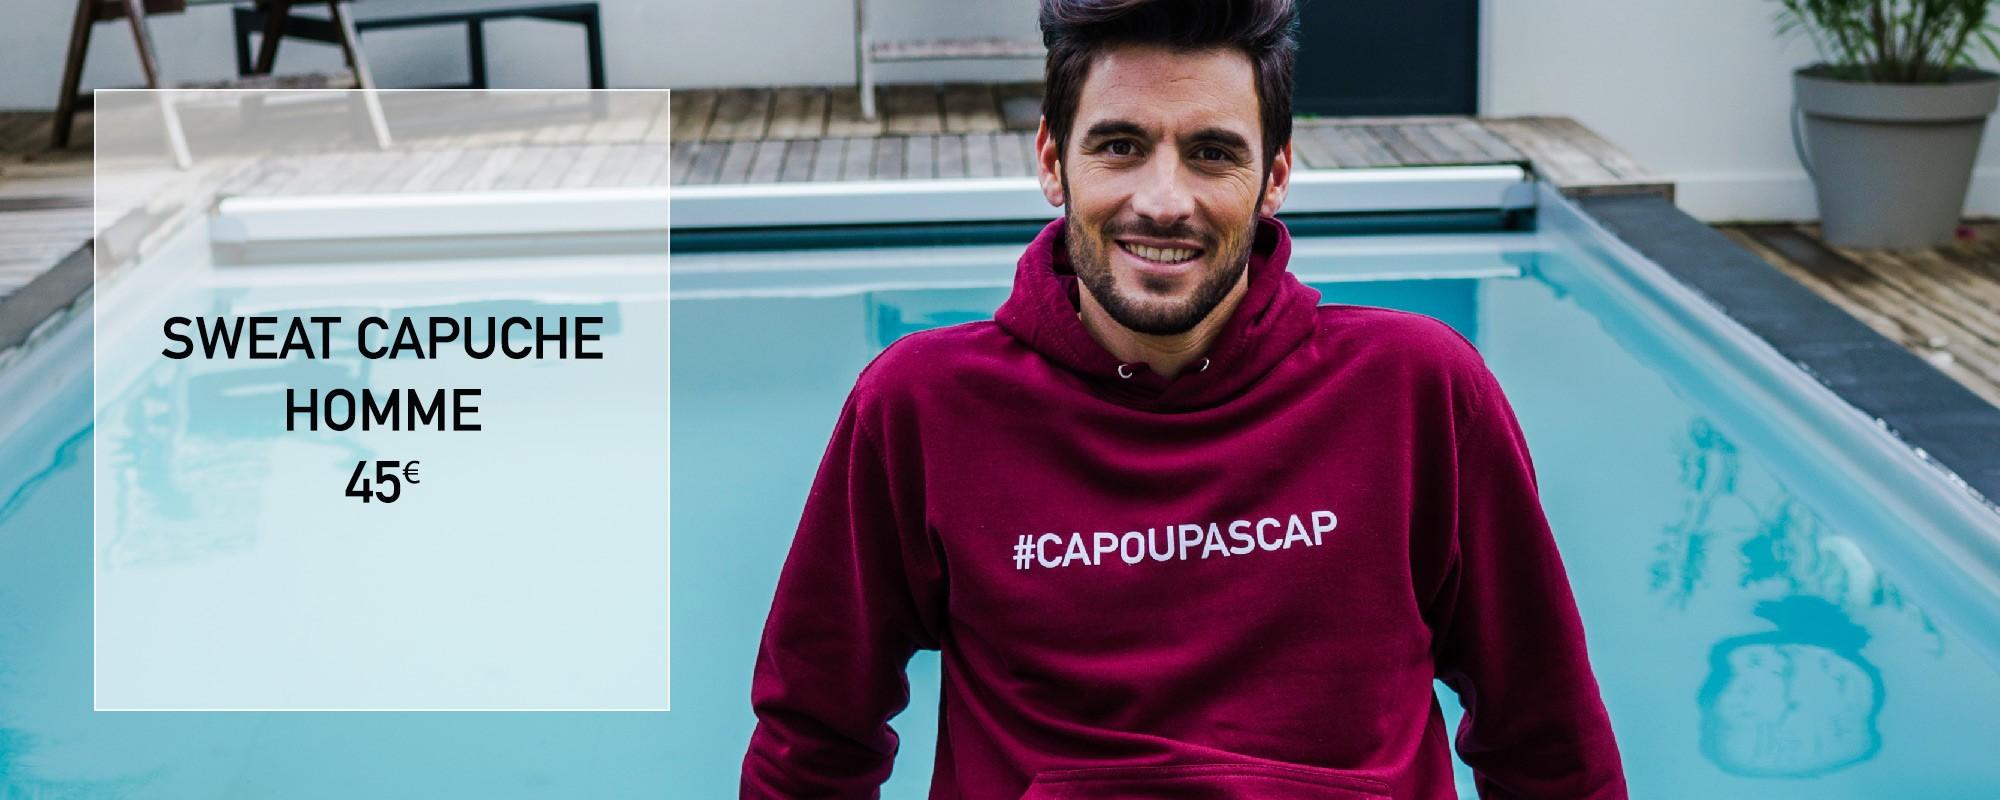 #CAPOUPASCAP